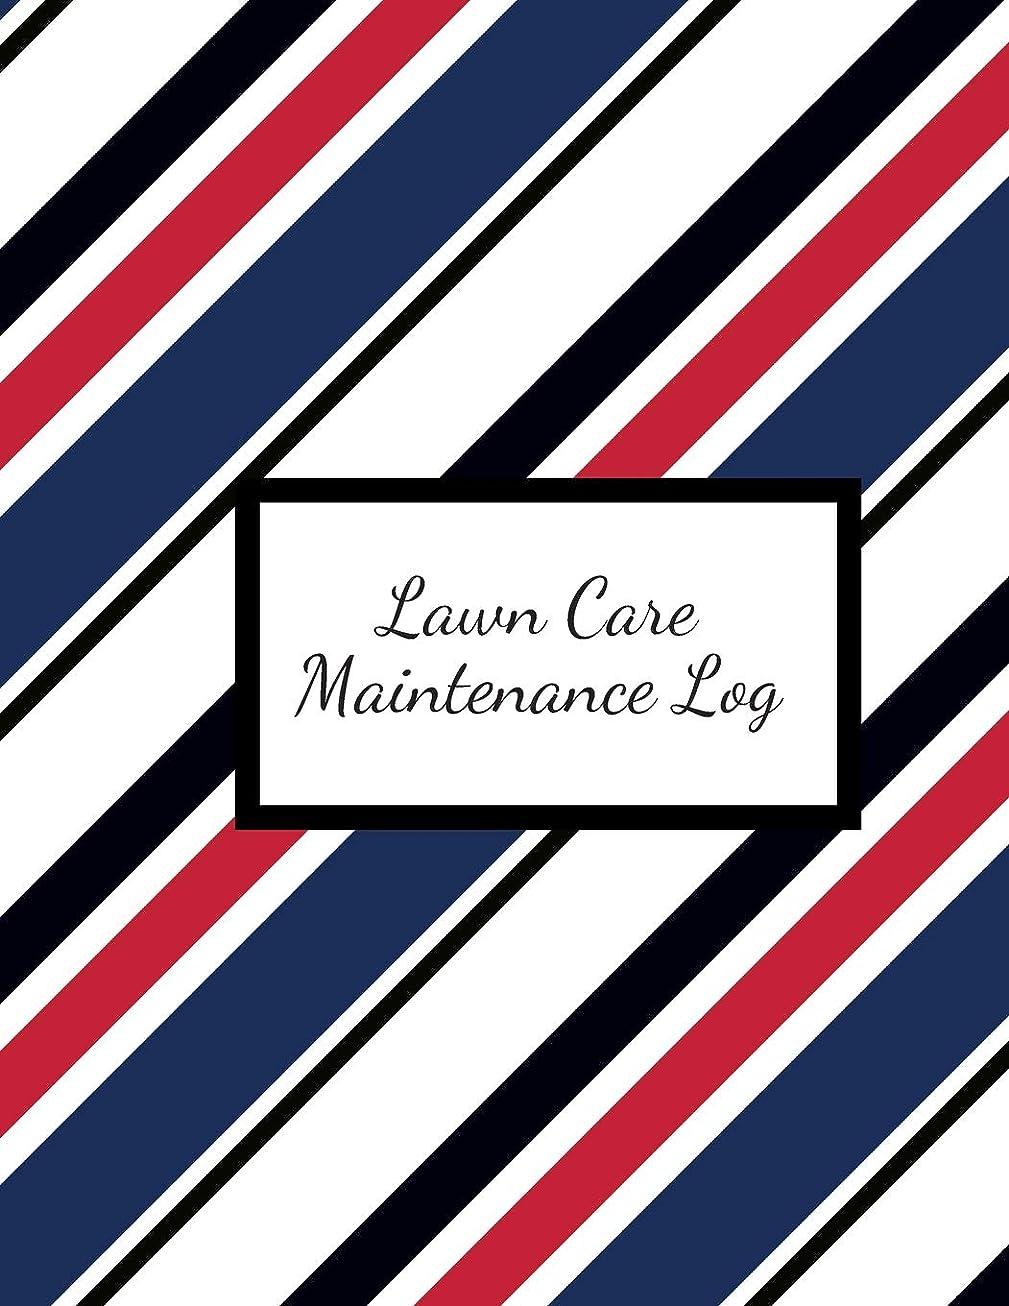 追う机なぜならLawn Care Maintenance Log: Lawn System Maintenance Notebook | Lawn Care Maintenance Log Journal | Sustainable Daily, Weekly, Monthly Weeding Record organizer